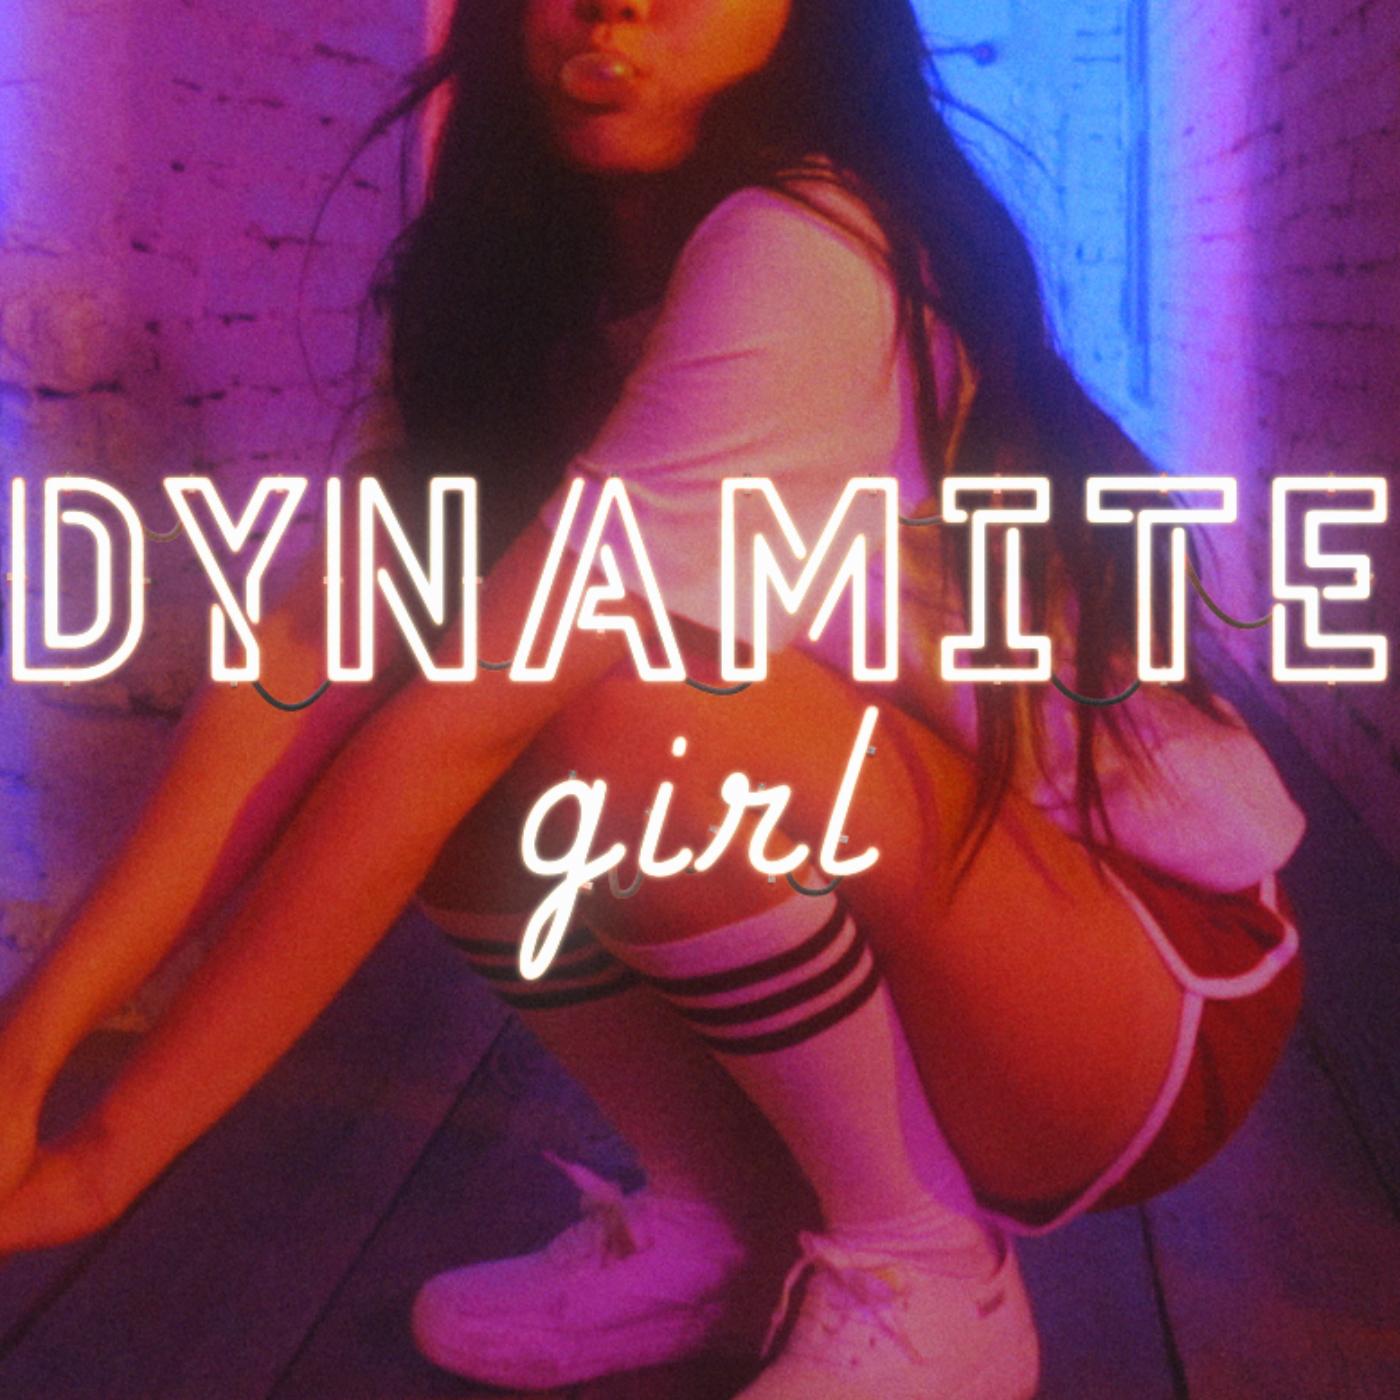 20170327.1725.14 Zizo - Dynamite Girl cover.jpg